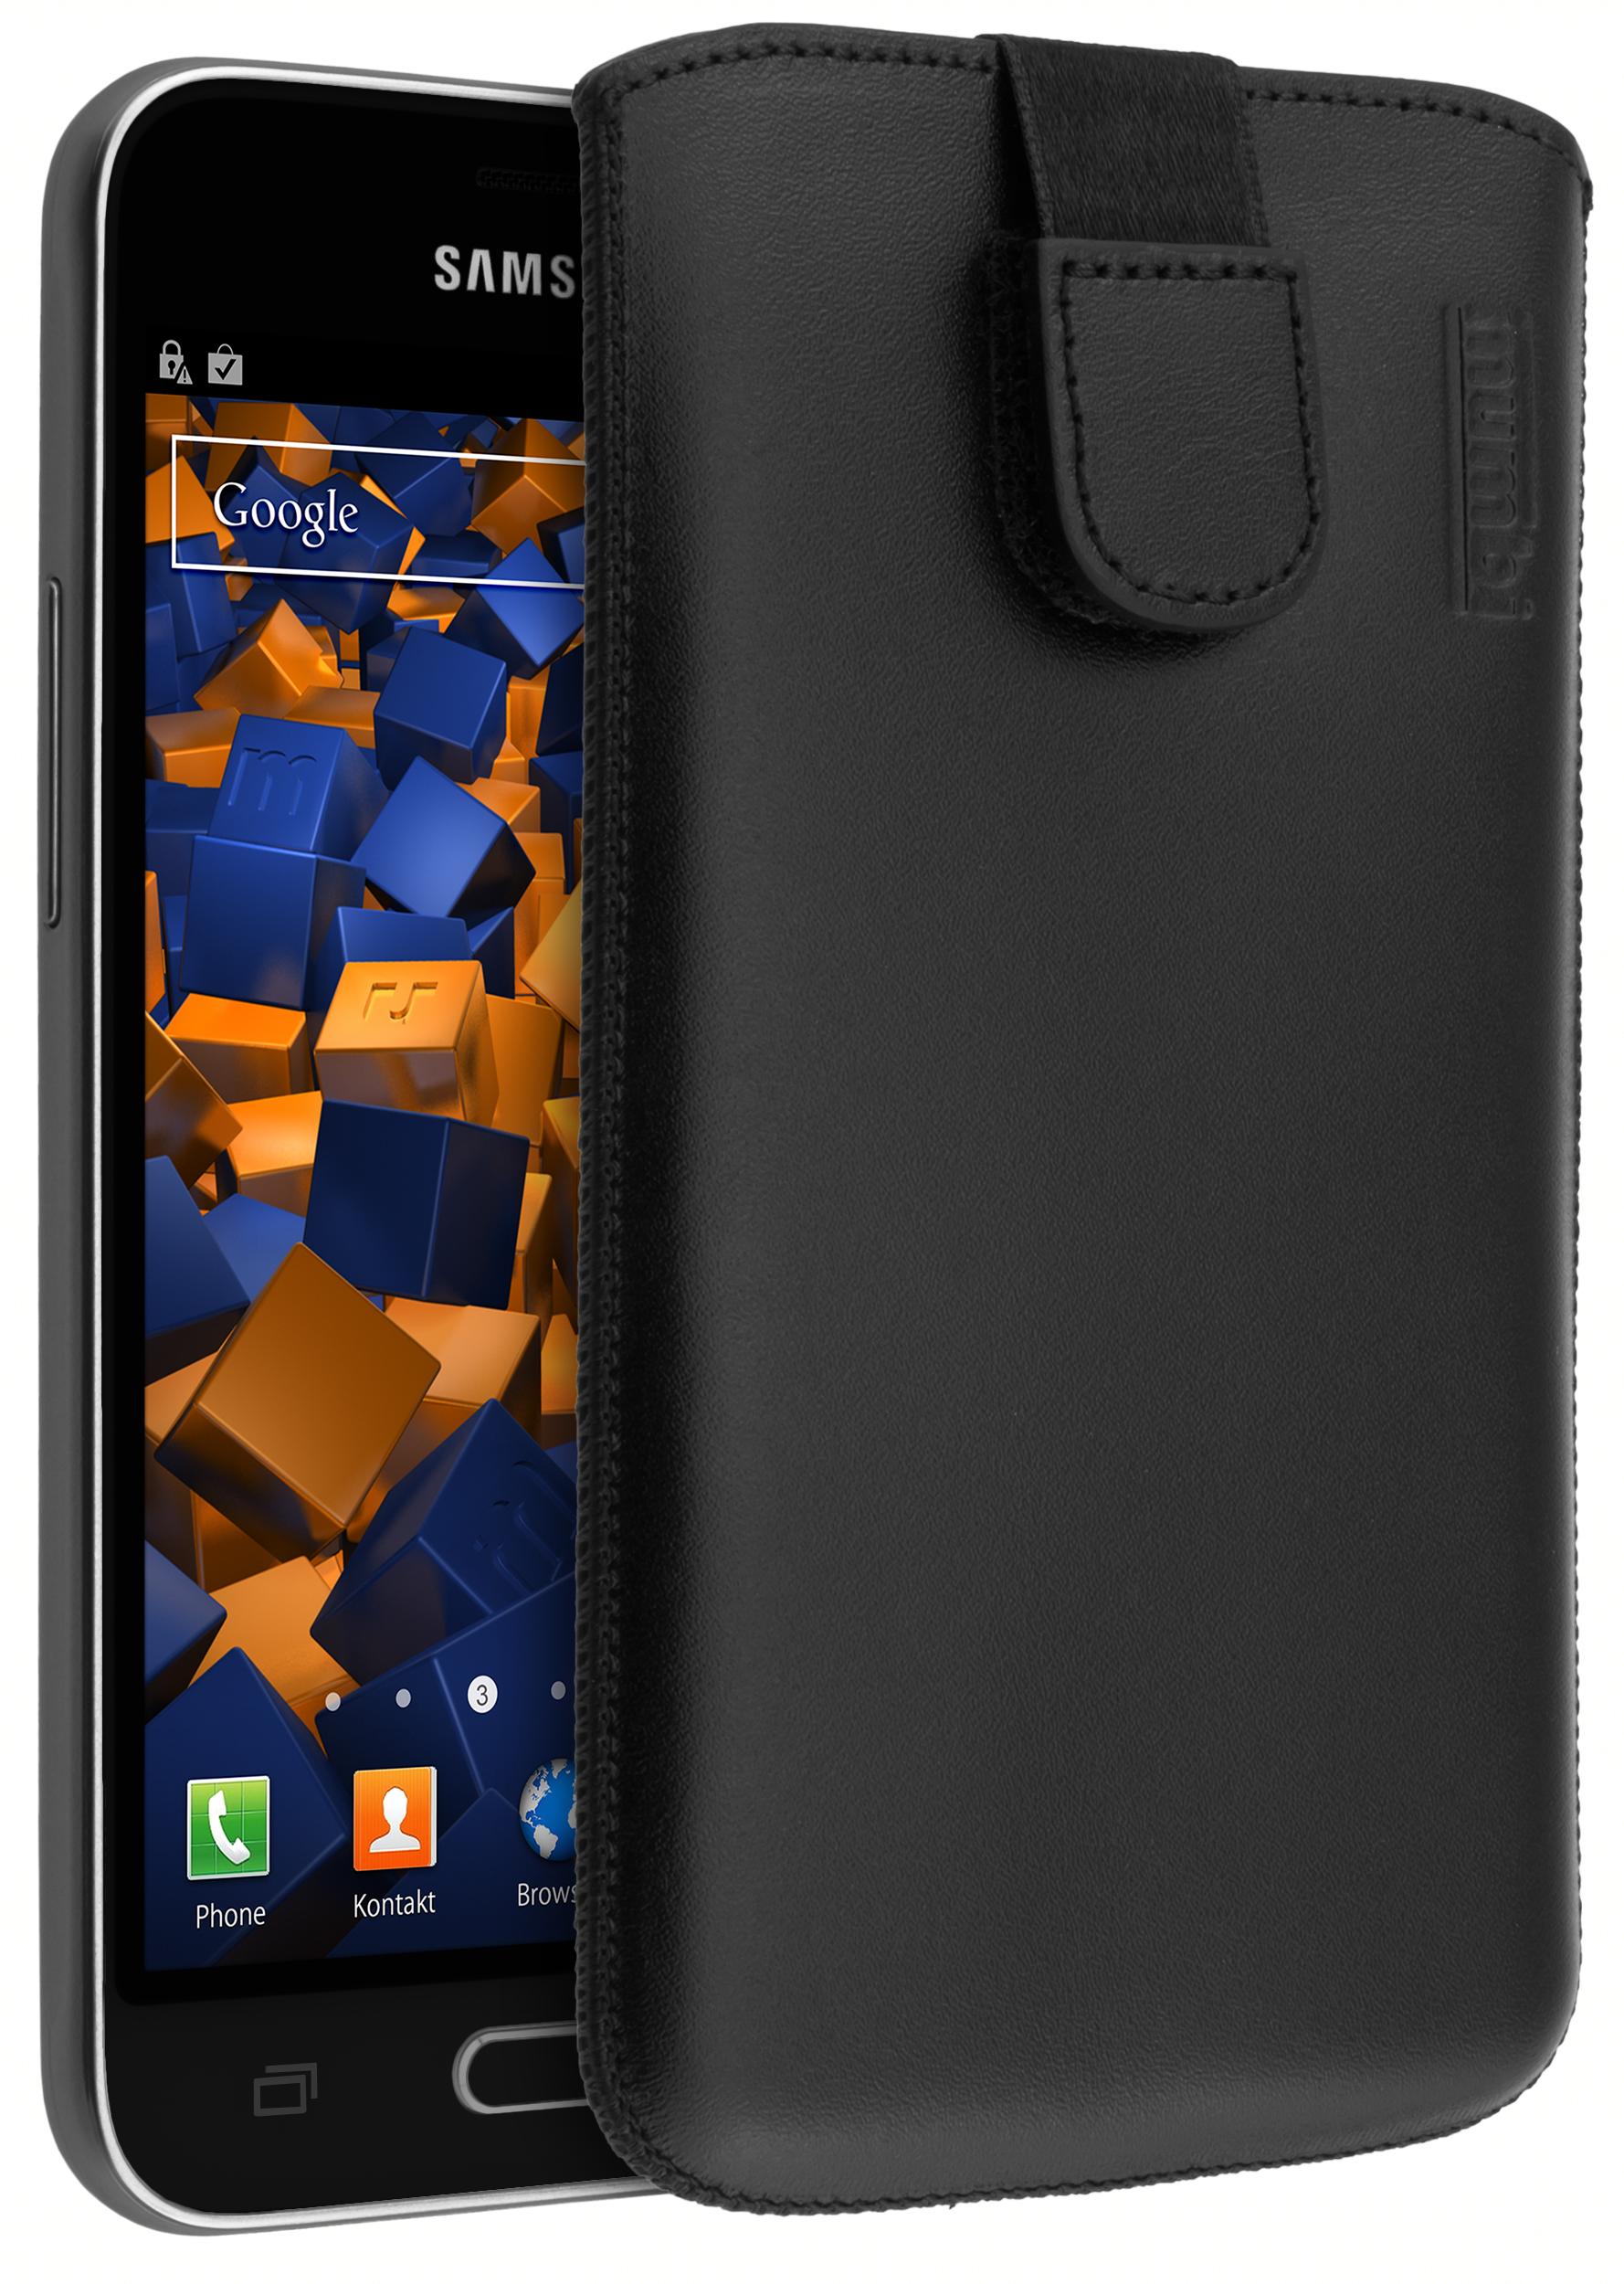 Leder Etui Tasche mit Ausziehlasche schwarz für Samsung Galaxy J1 2016 Galaxy J1 2016 Samsung weitere Modelle